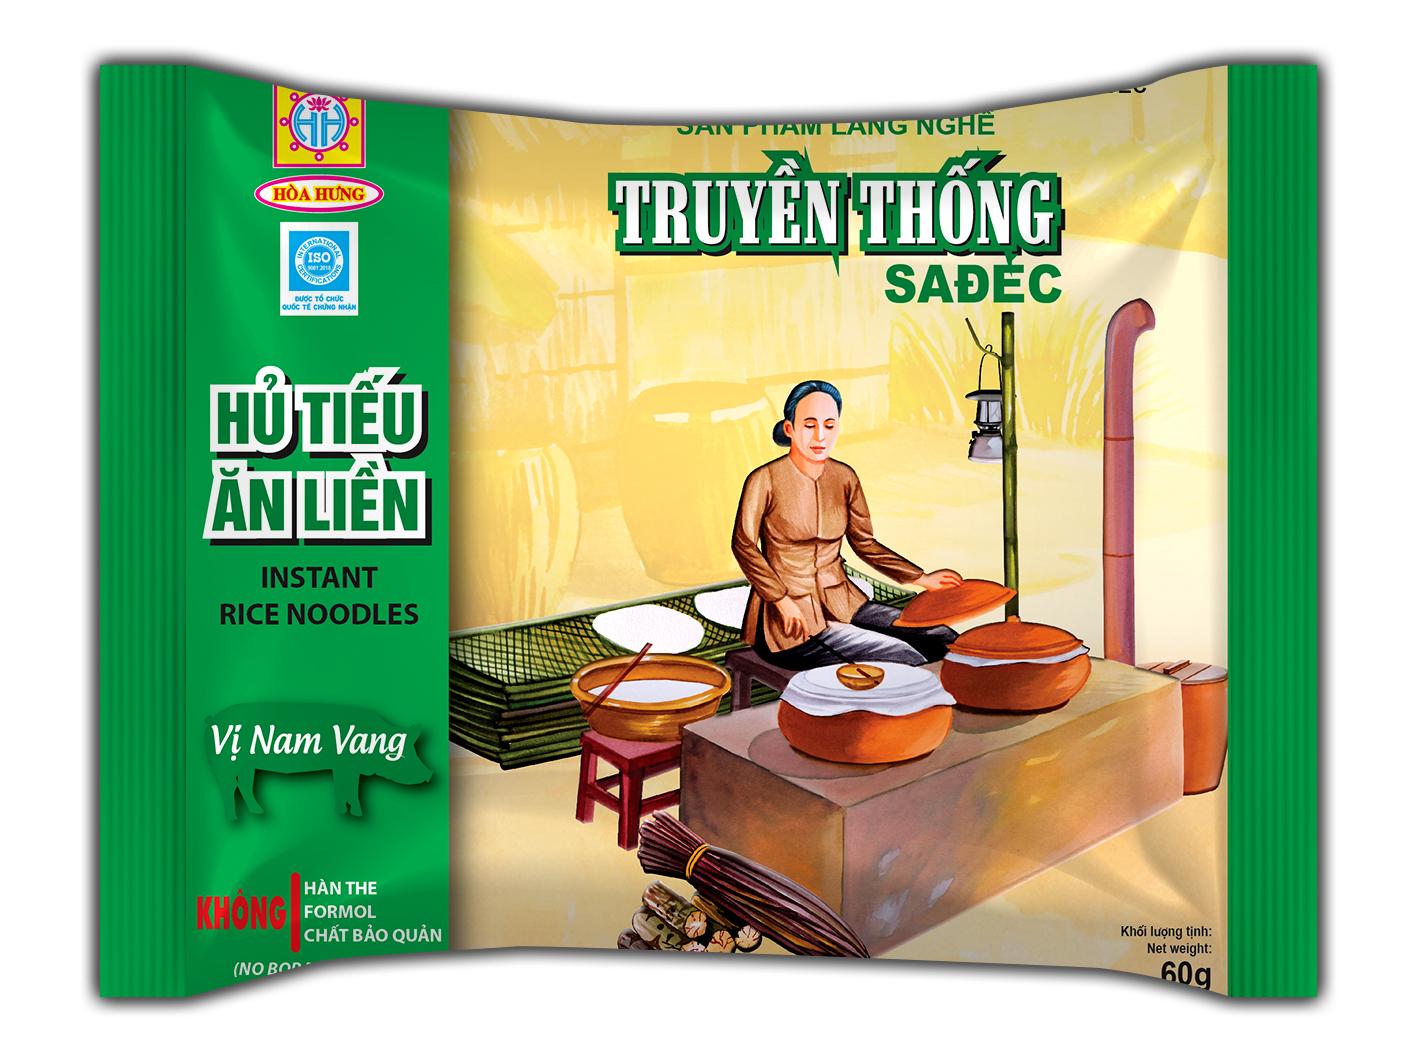 Hủ tiếu vị Nam Vang